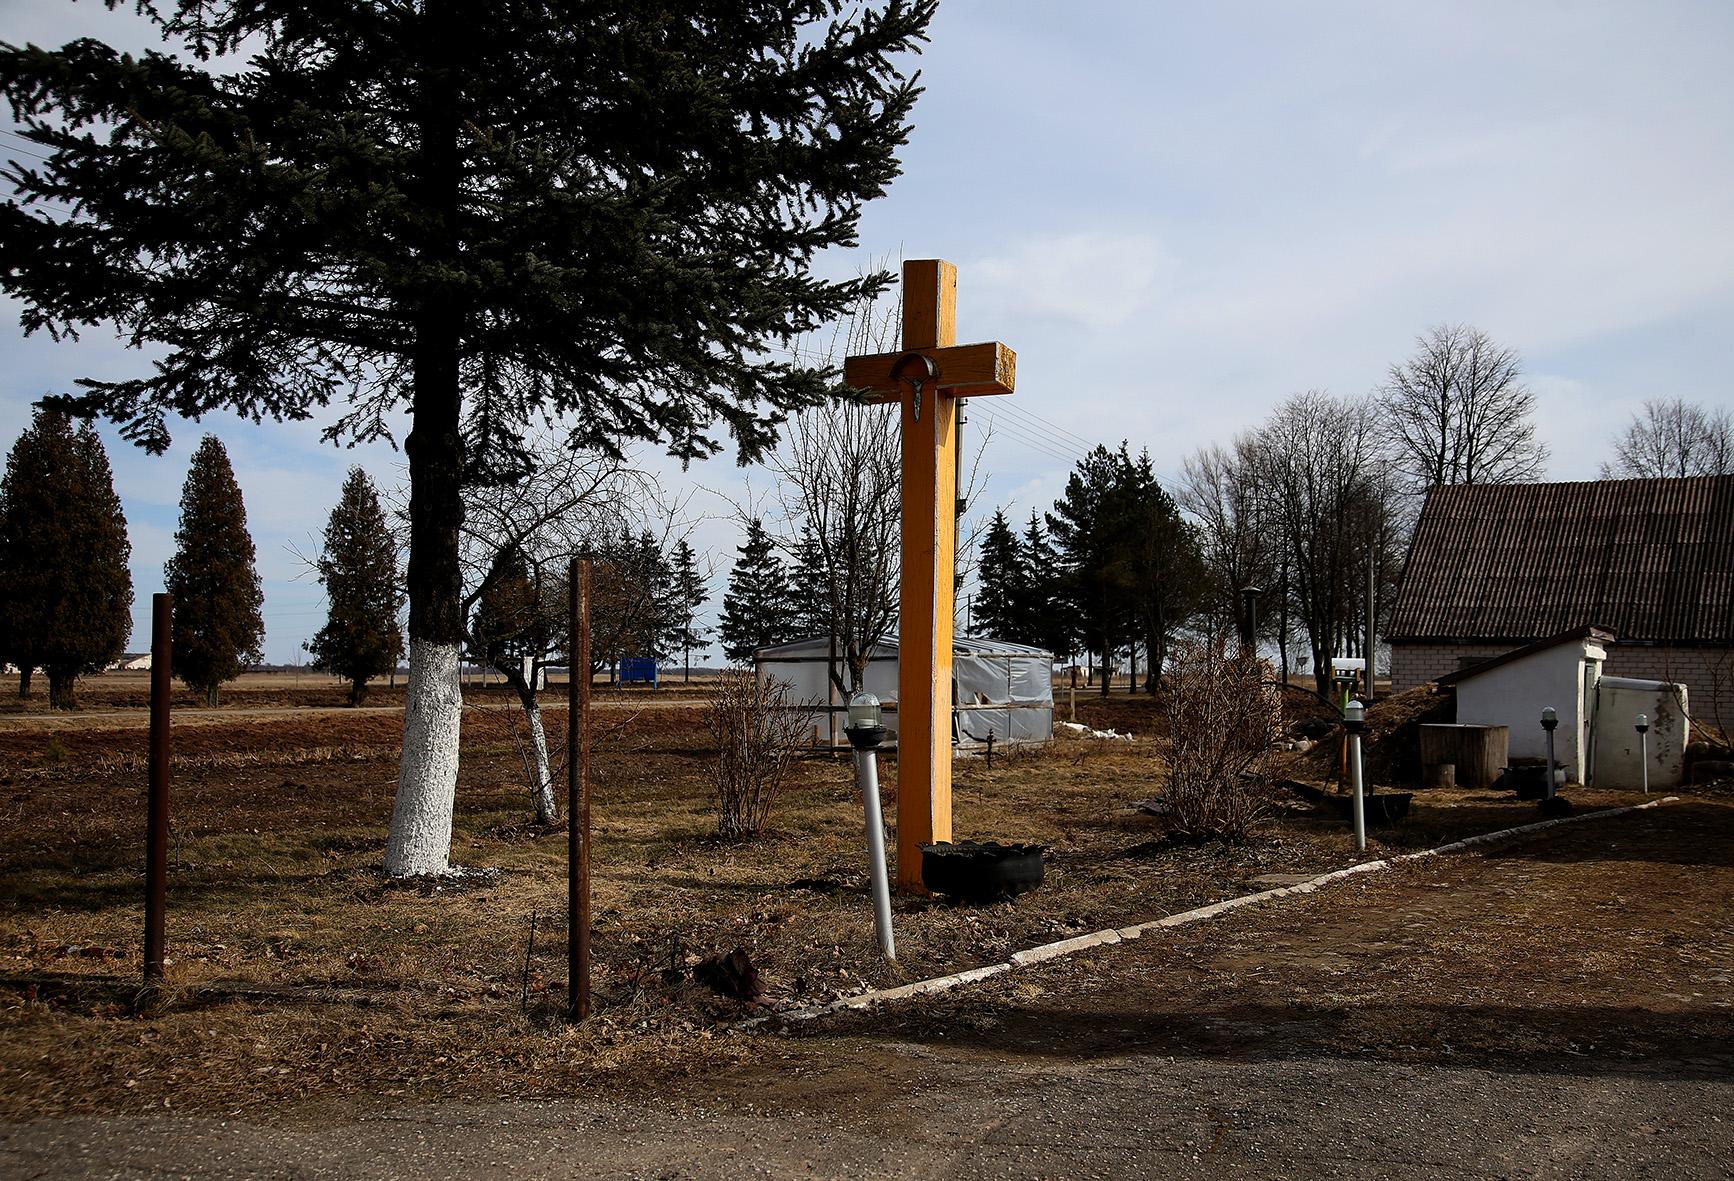 Tai vienoje, tai kitoje sodyboje matome stovinčius įspūdingo dydžio ir įvairių spalvų kryžiai. A. Barzdžiaus nuotr.